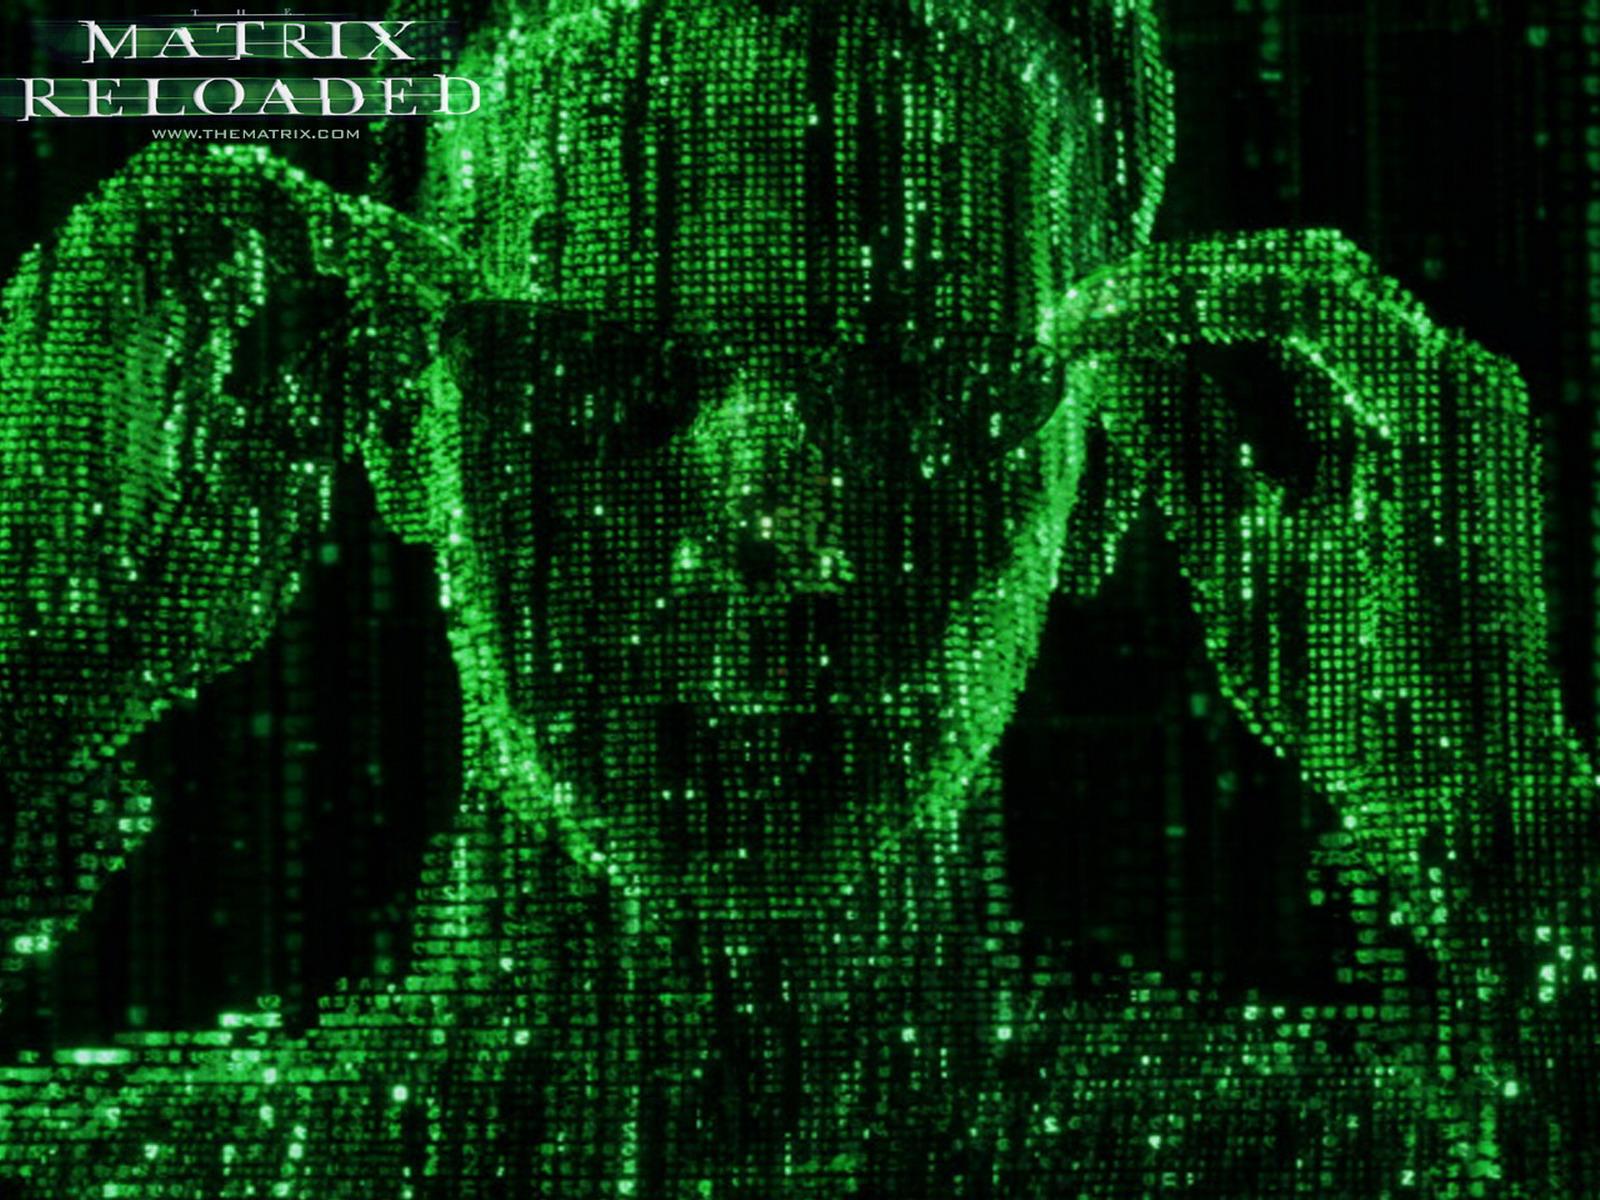 http://1.bp.blogspot.com/_rgyO9zHb41A/TFB0fzMHRQI/AAAAAAAAApw/nQbx5Vrn1Y8/s1600/Matrix+Reloaded.jpg